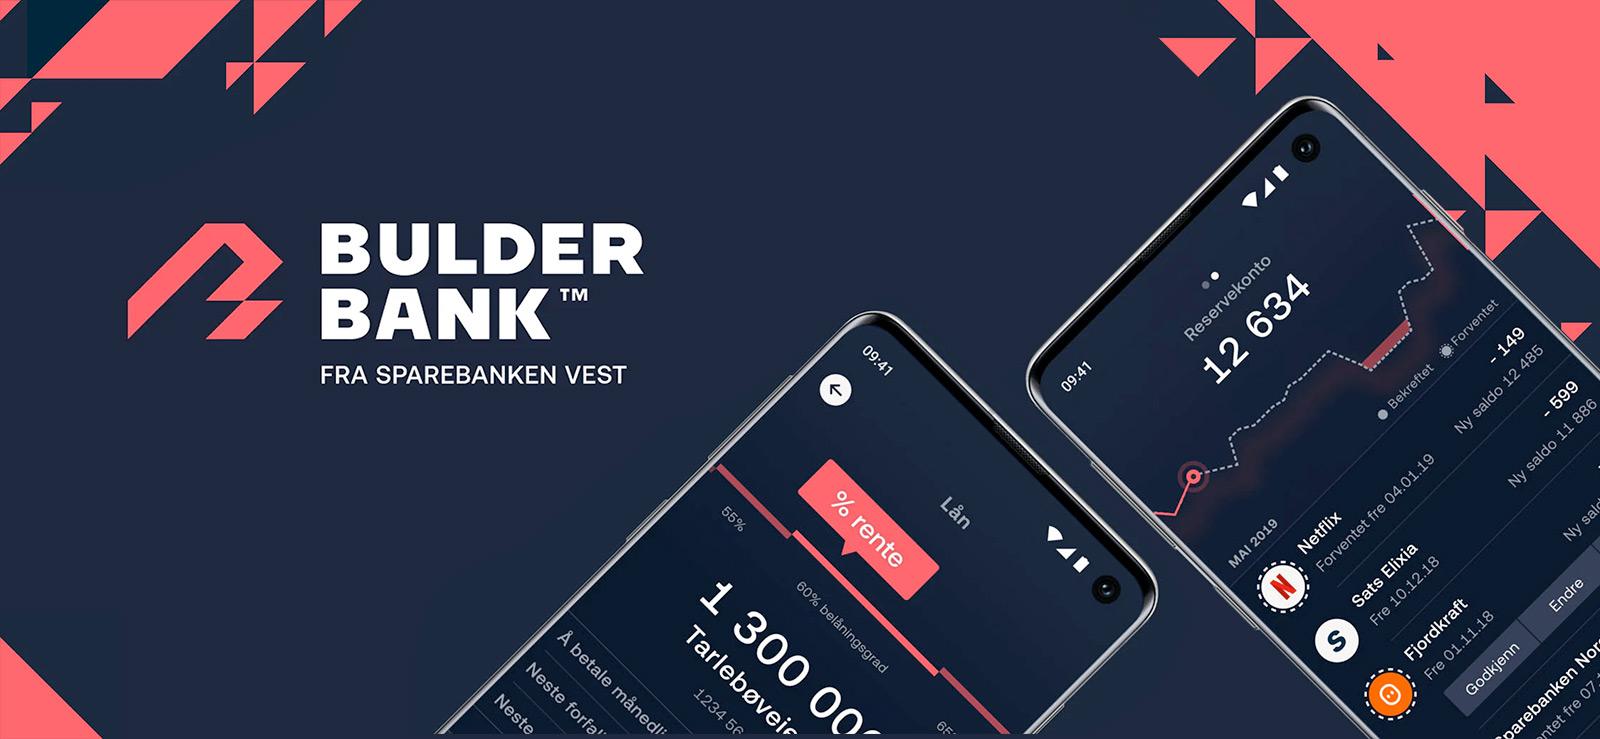 Bulder Bank – min erfaring med den nye utfordreren ✌️